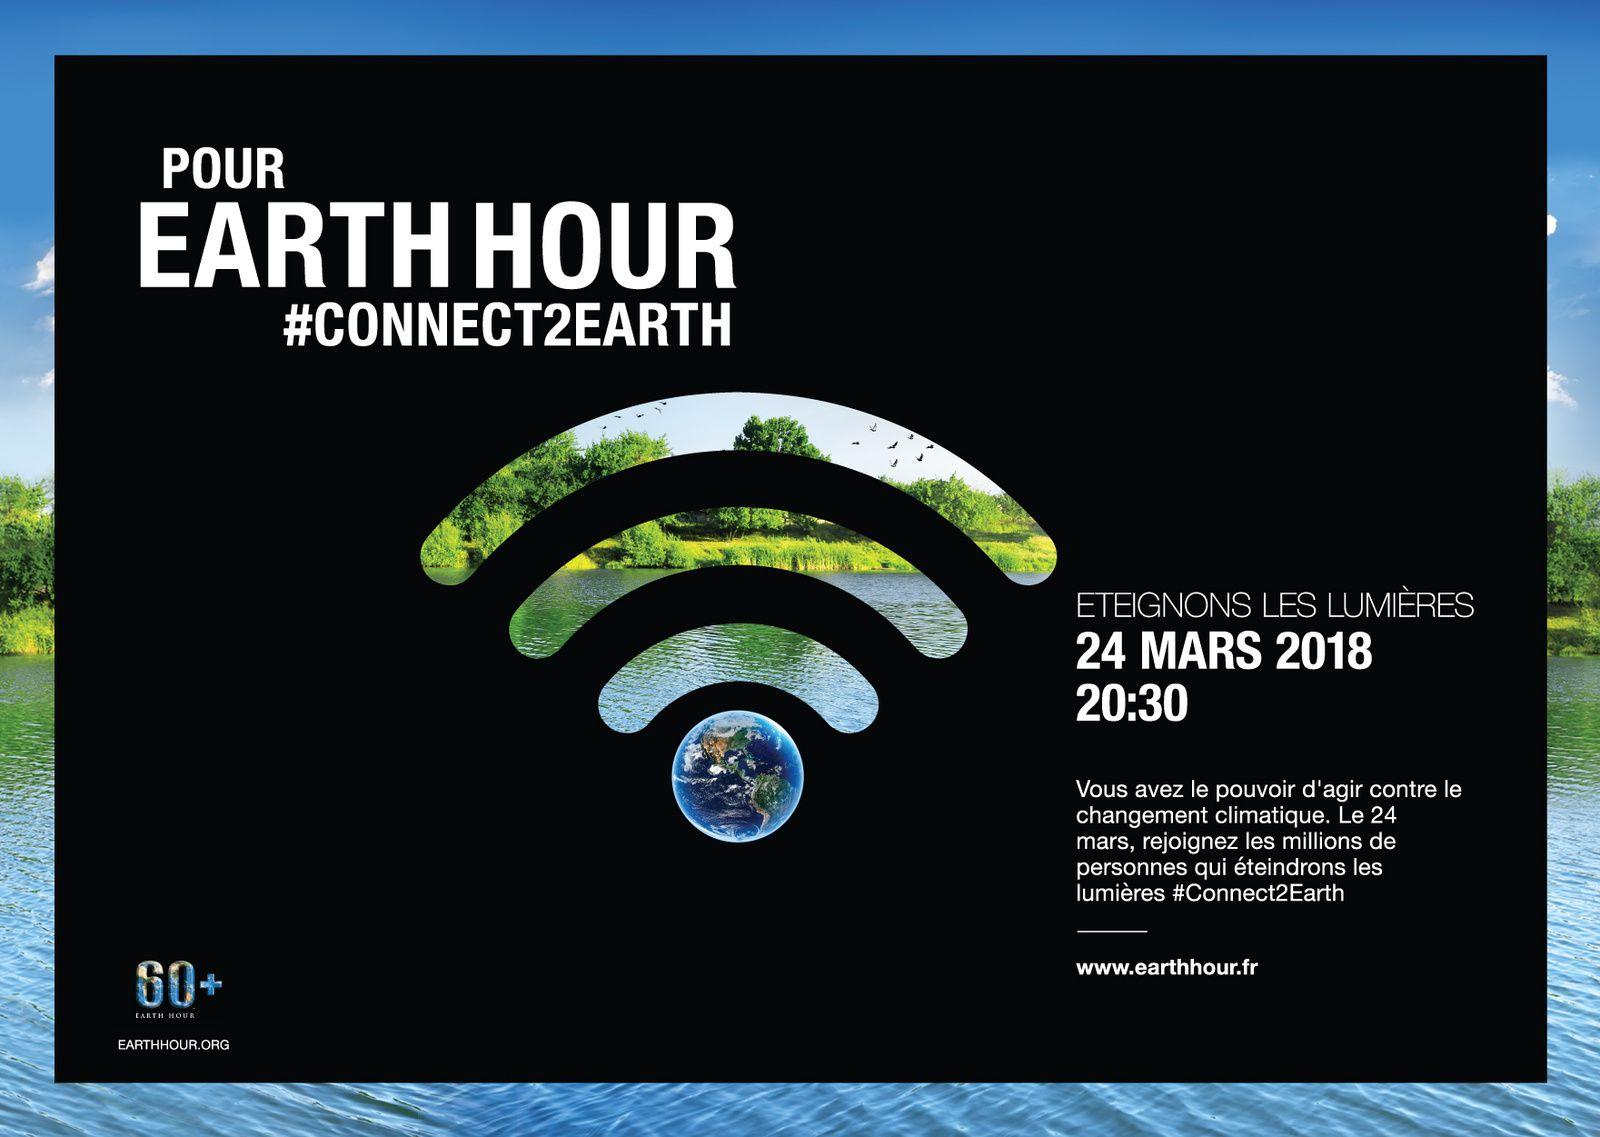 Earth Hour de WWF mobilisation citoyenne pour la Planète